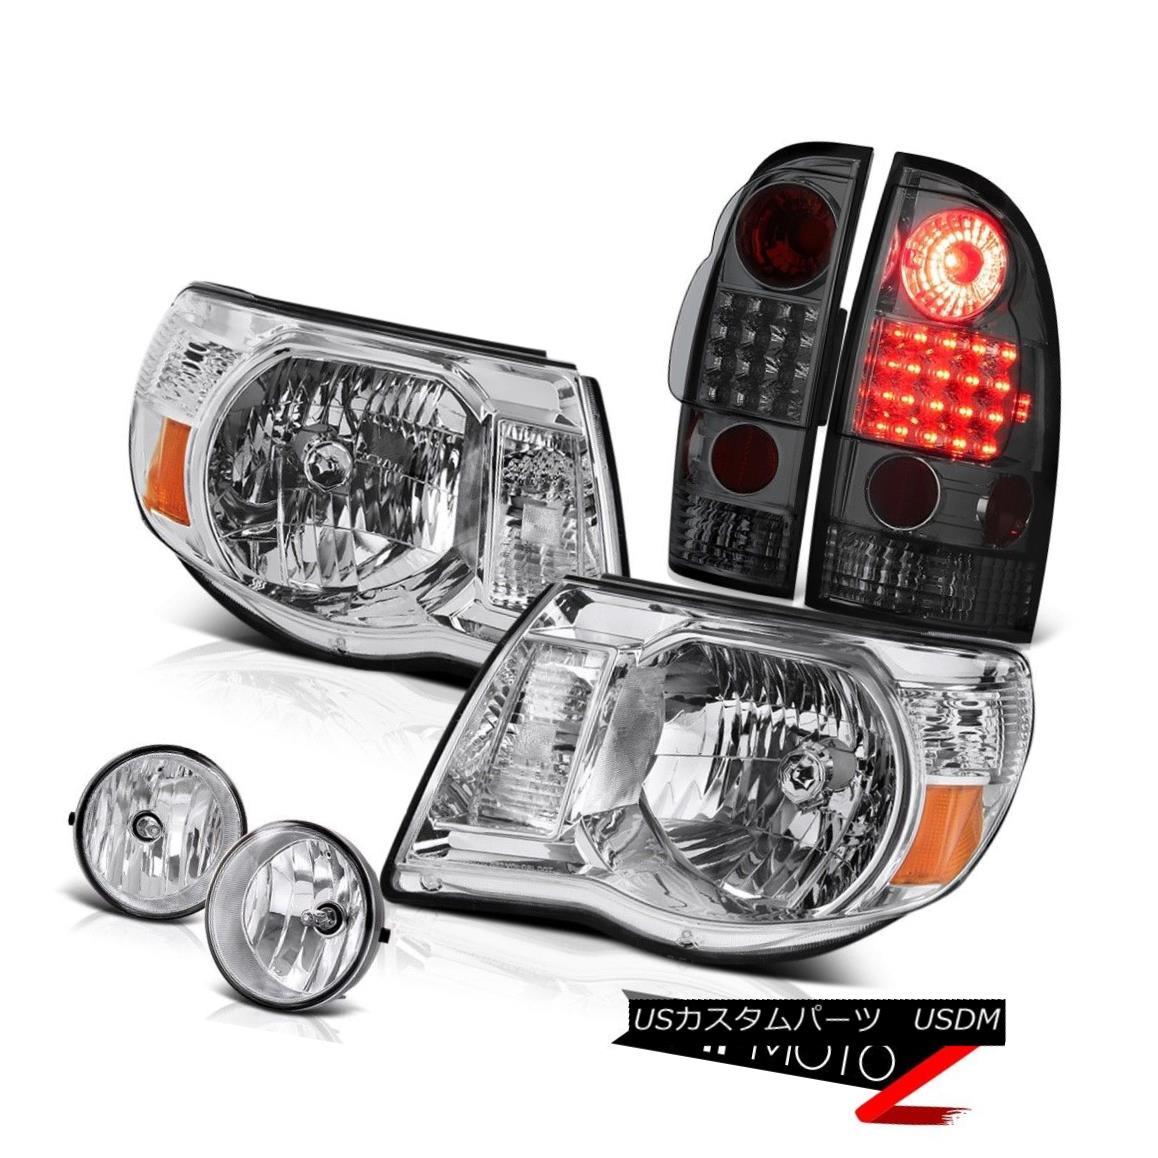 ヘッドライト 2005-2011 Tacoma 4.0L Chrome Amber Pair Headlights Smoke LED Tail Light Foglight 2005-2011タコマ4.0LクロームアンバーペアヘッドライトスモークLEDテールライトFoglight